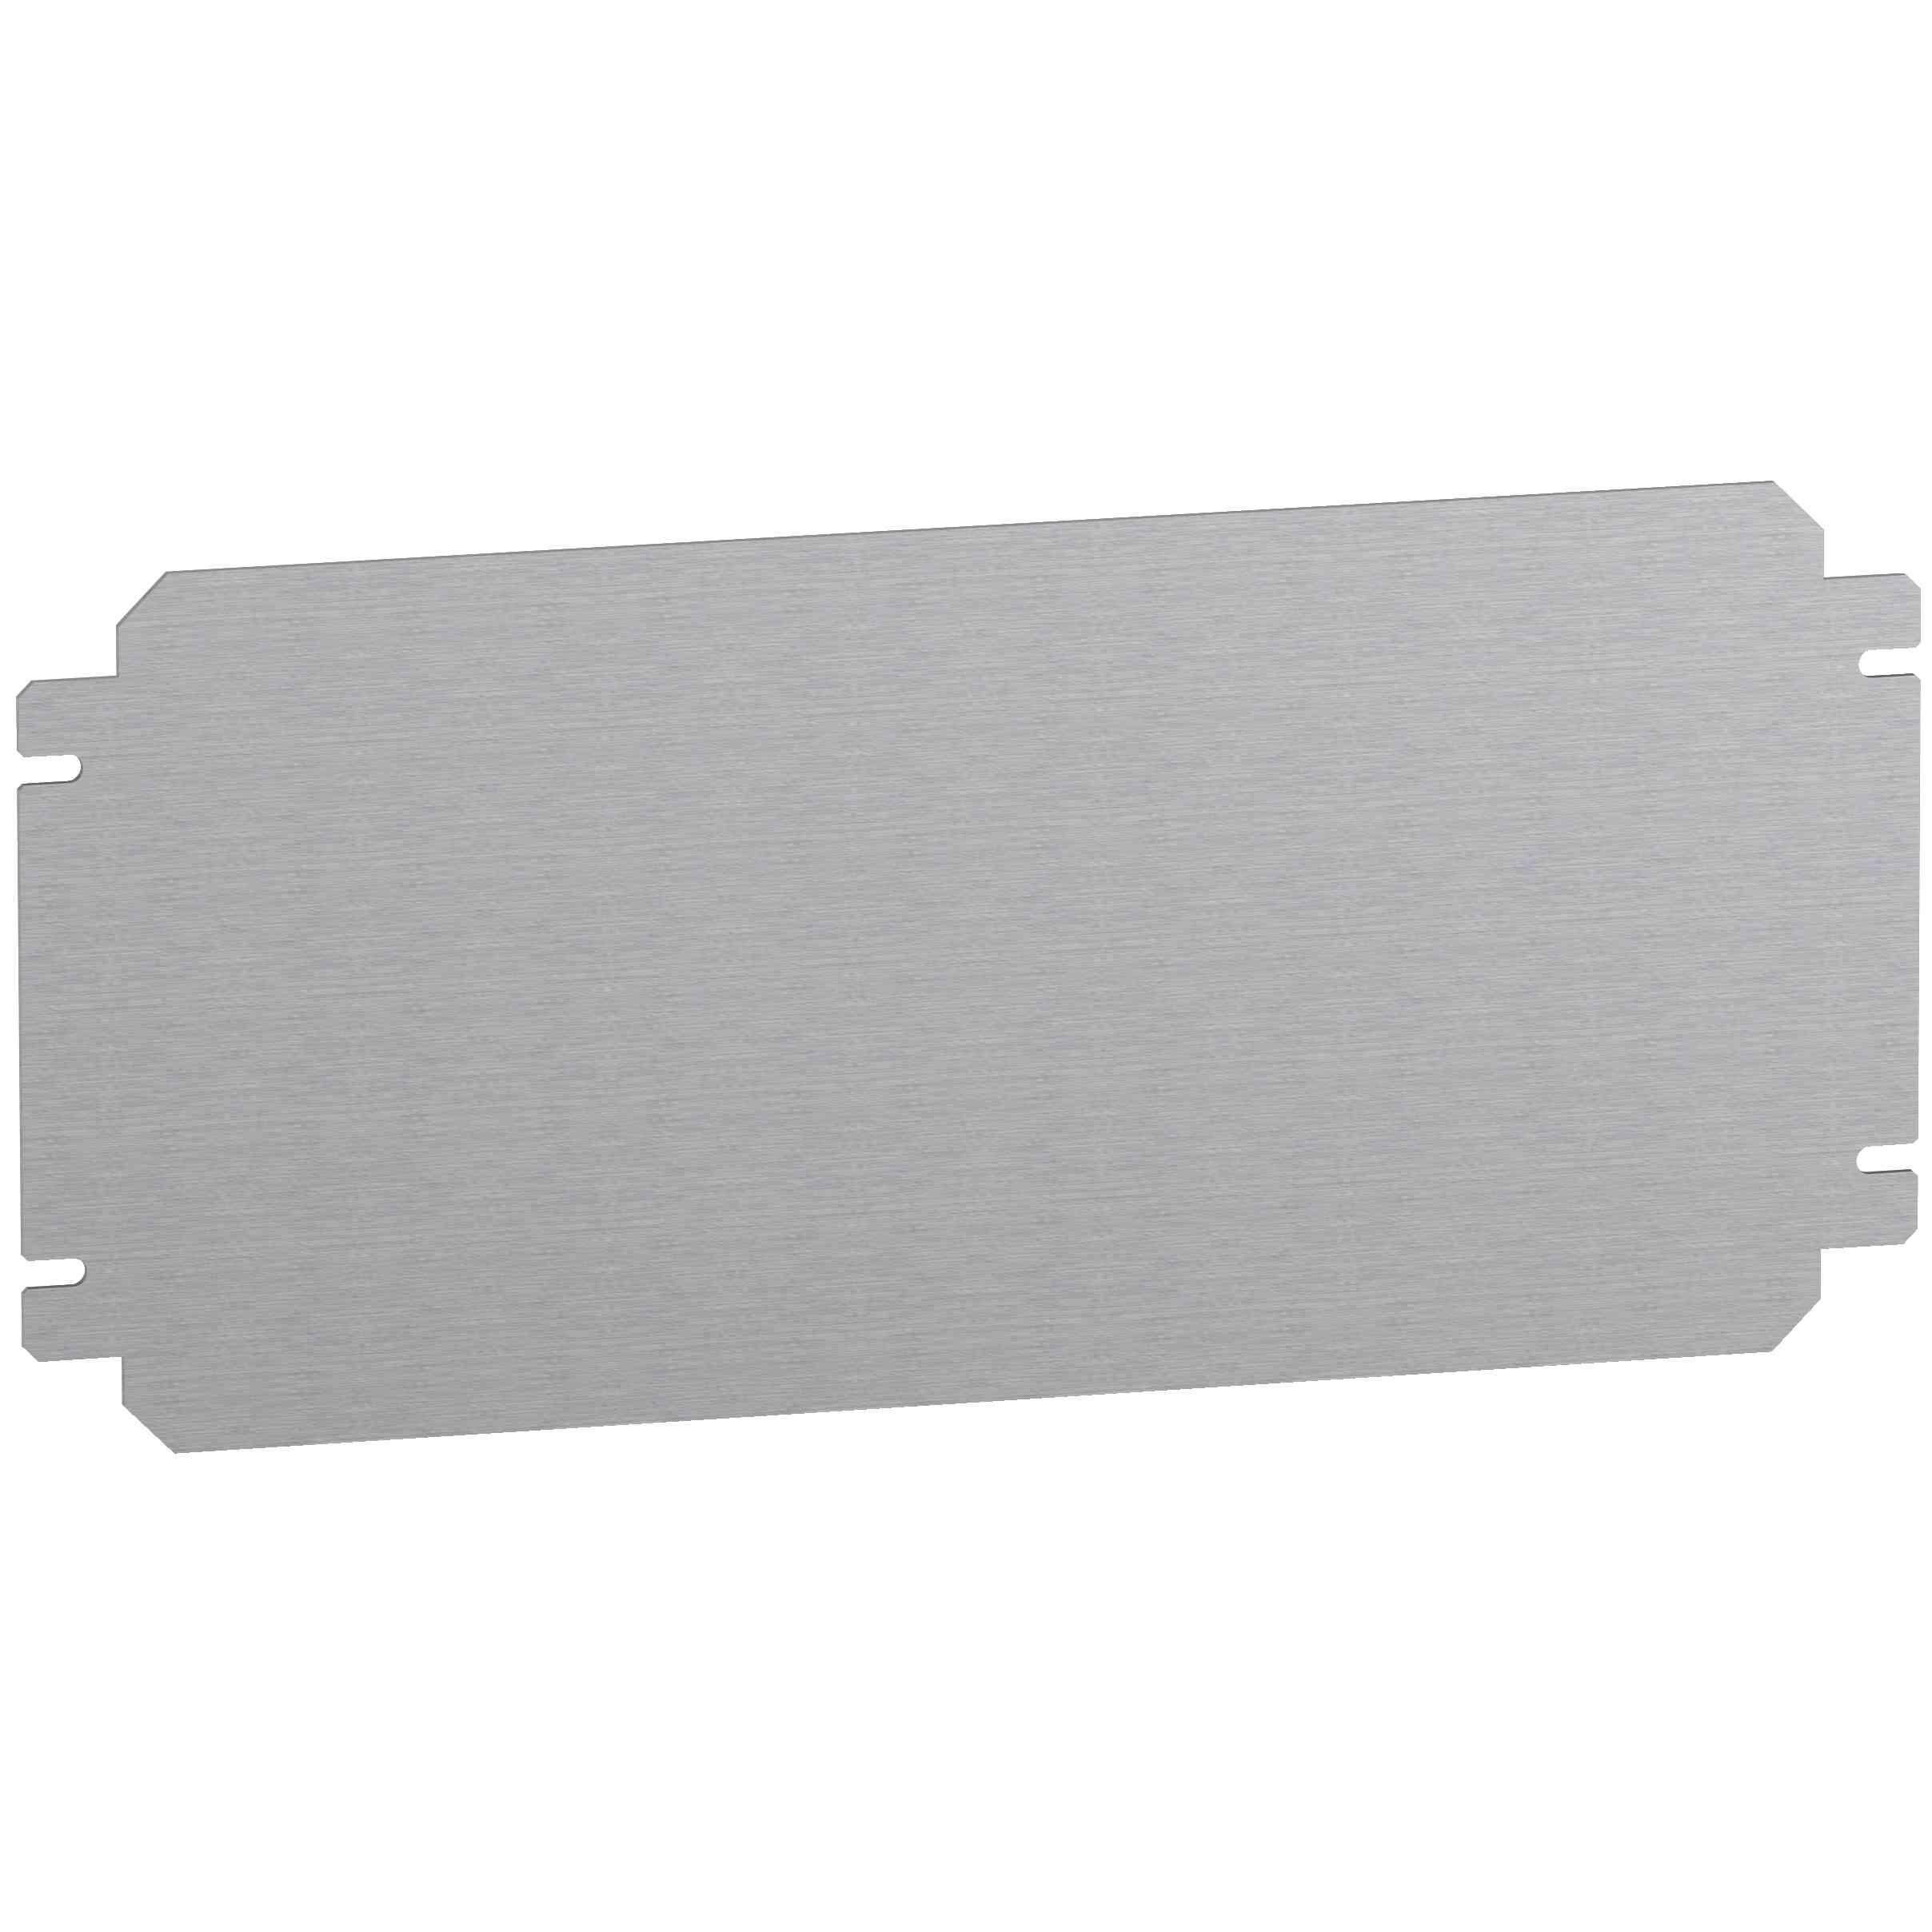 Navadna montažna plošča V 200 x Š 800 mm iz galvanizirane jeklene pločevine